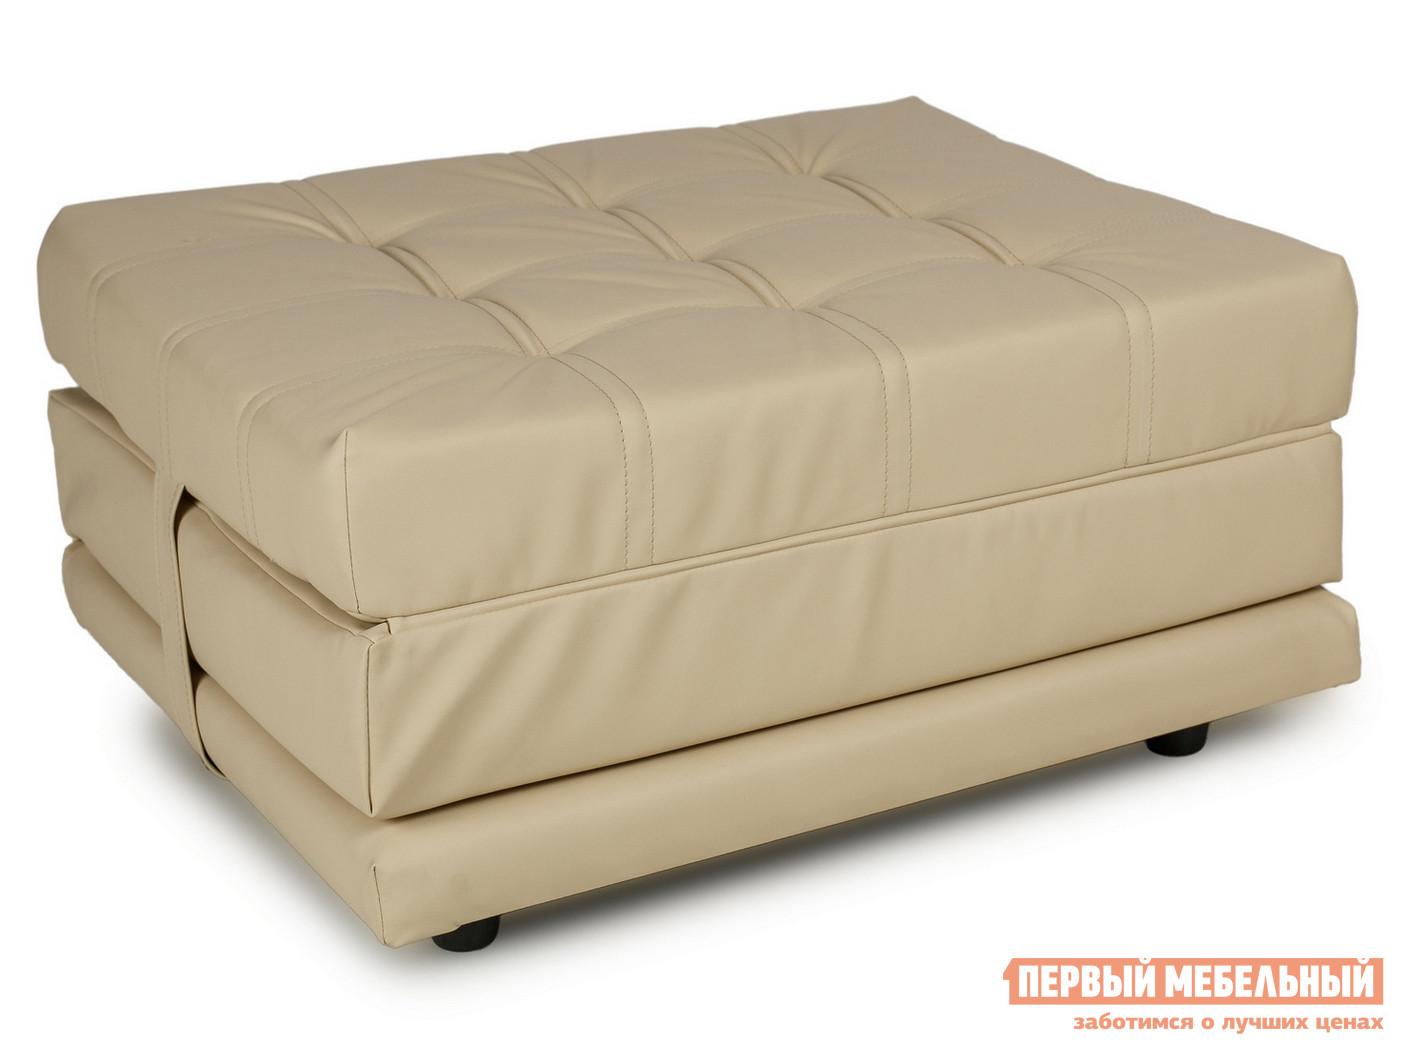 Пуф-трансформер со спальным местом Вентал Пф-12 (кровать)